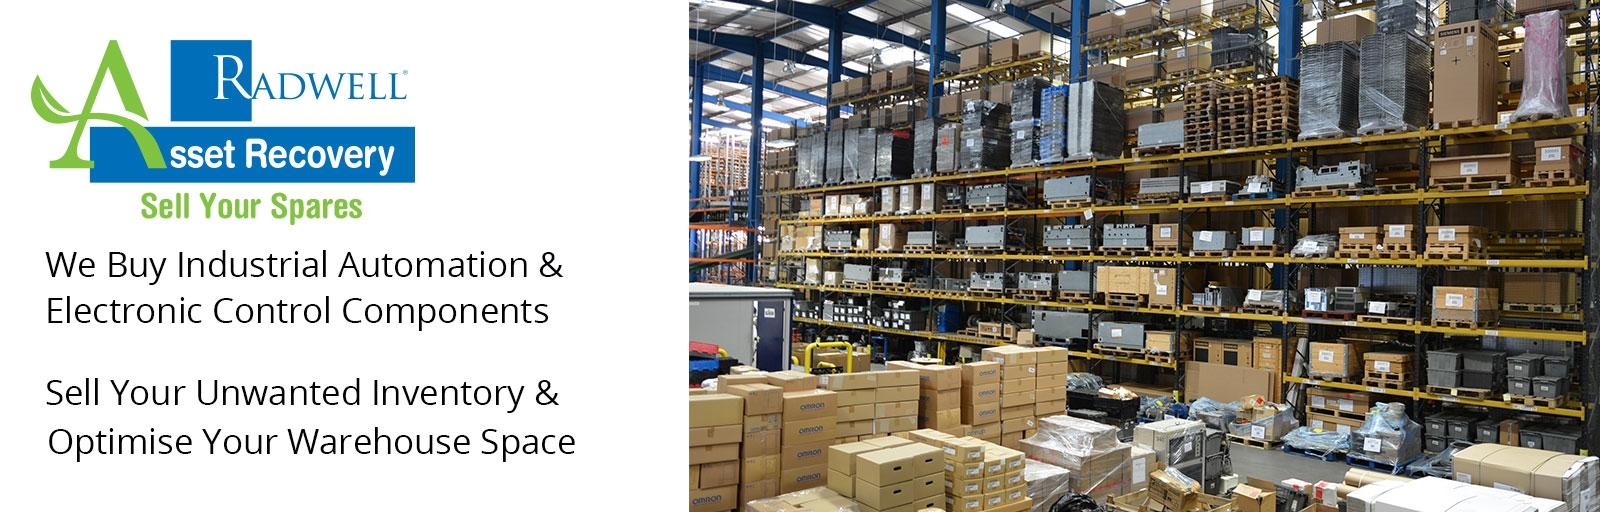 Radwell-International-Sell-Automation-Parts